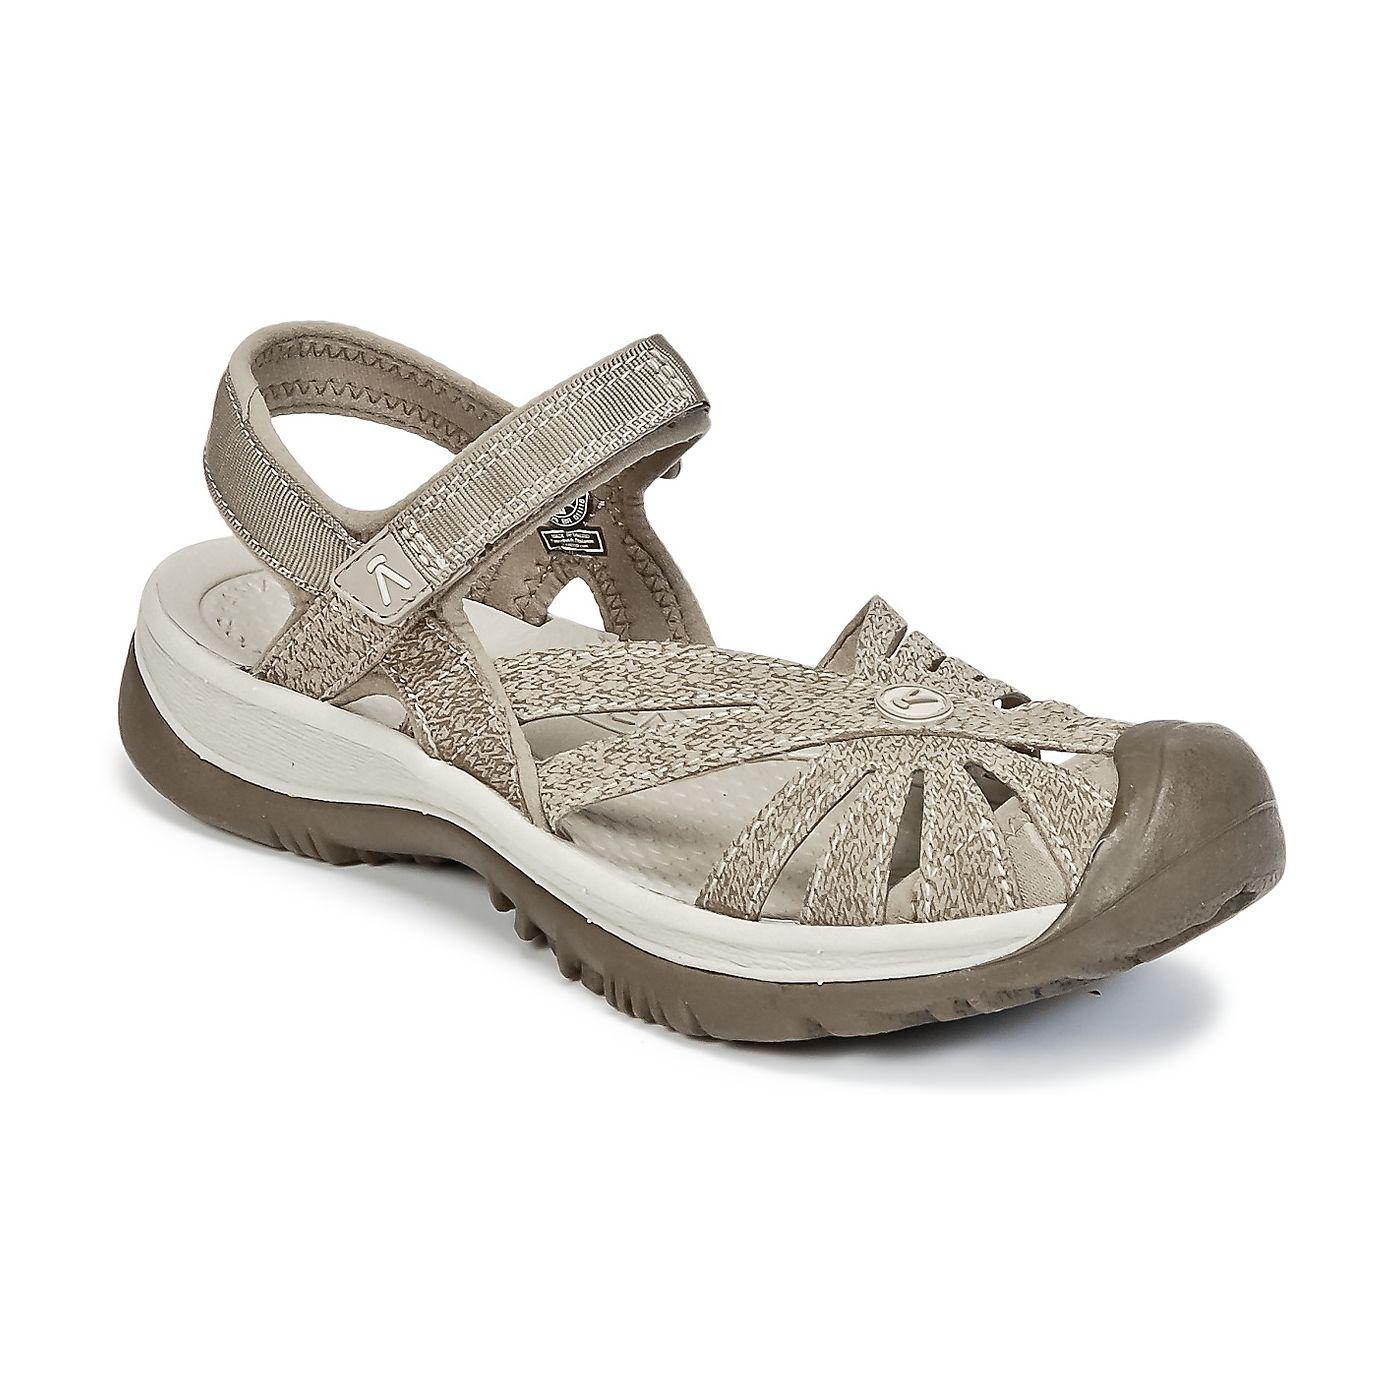 Women's sandals Keen Rose